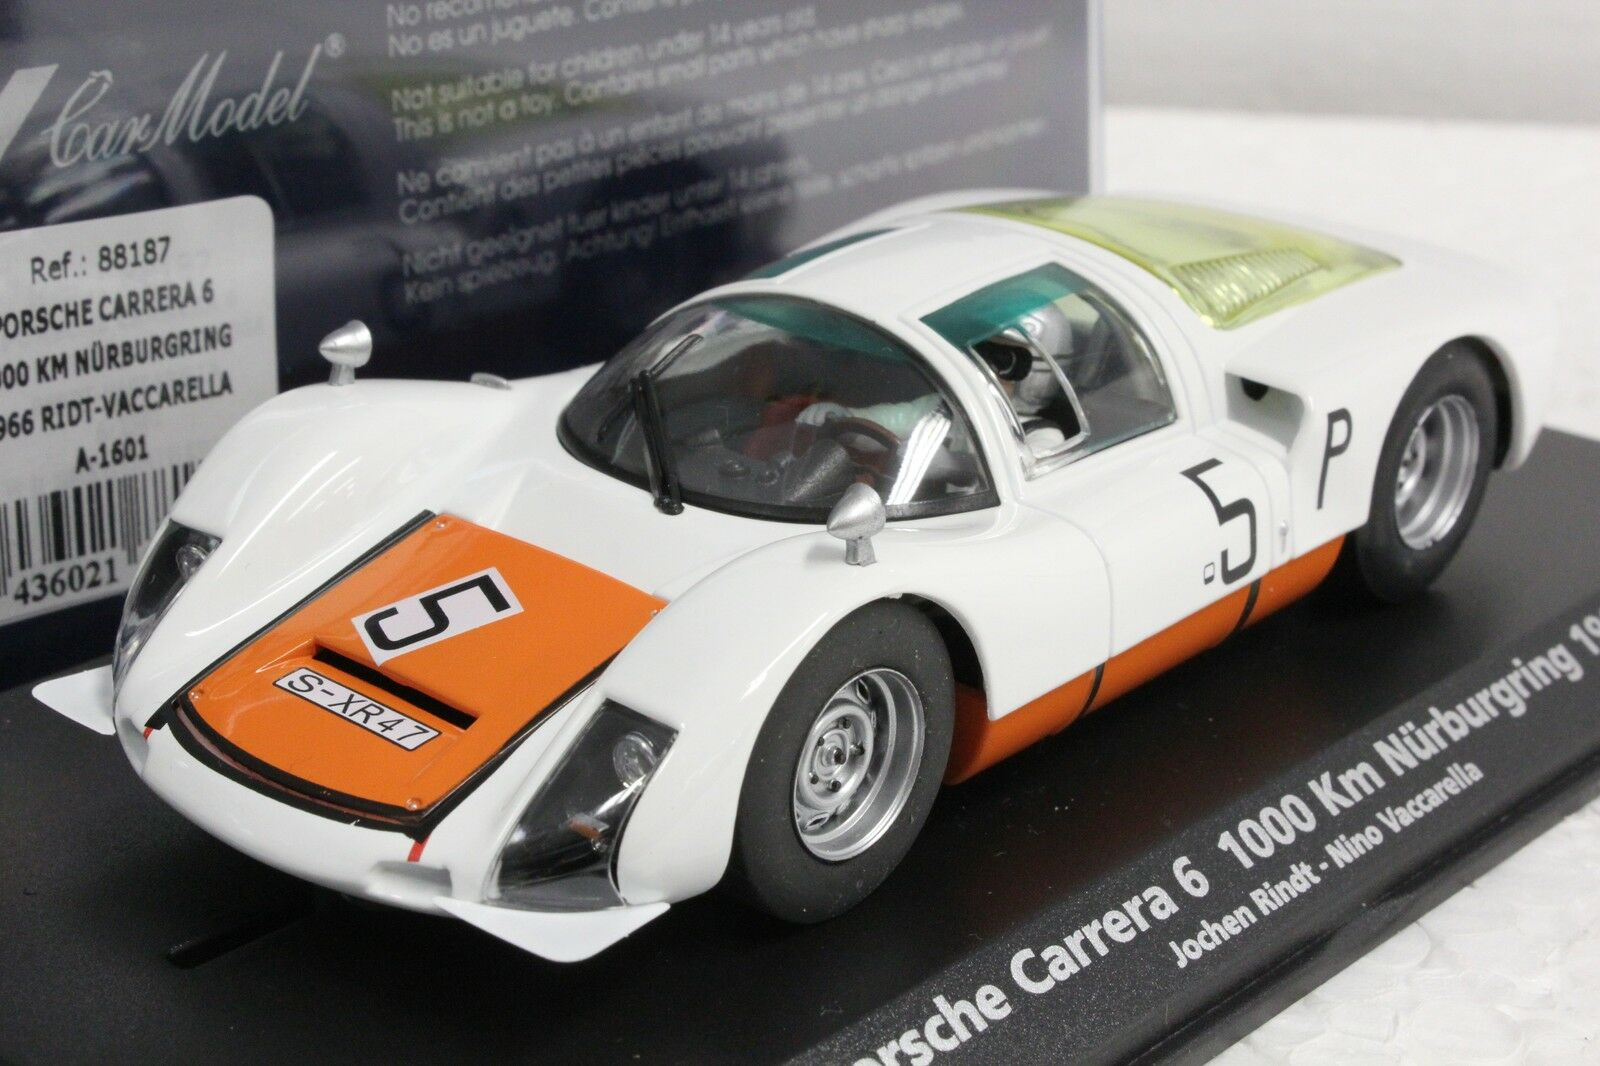 Fly A1601 PORSCHE CARRERA 6 Nurburgring 1966 Nouveau 1 32 slot car en vitrine